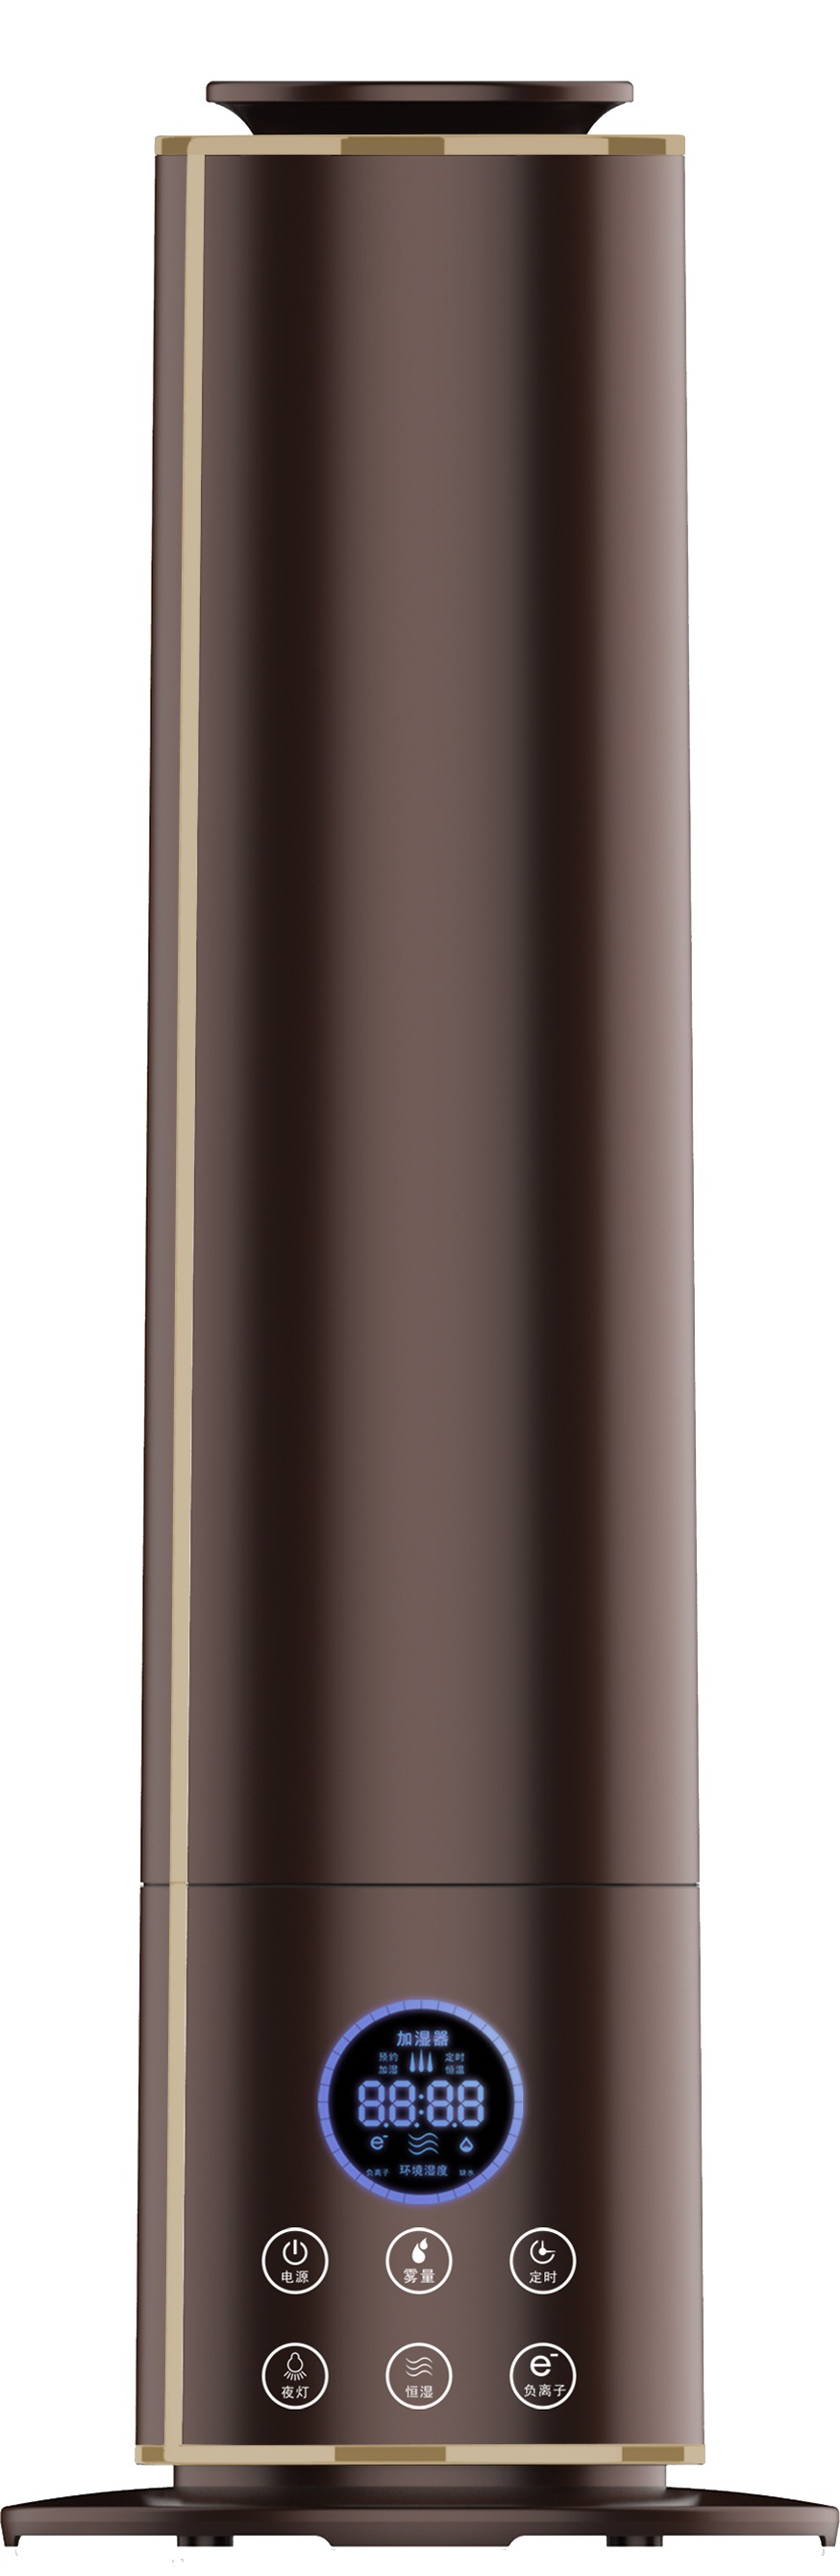 9l большой Ёмкость пол увлажнитель LED Touch Управление аромат диффузор отрицательные ионы очистки воздуха ароматерапия тумана